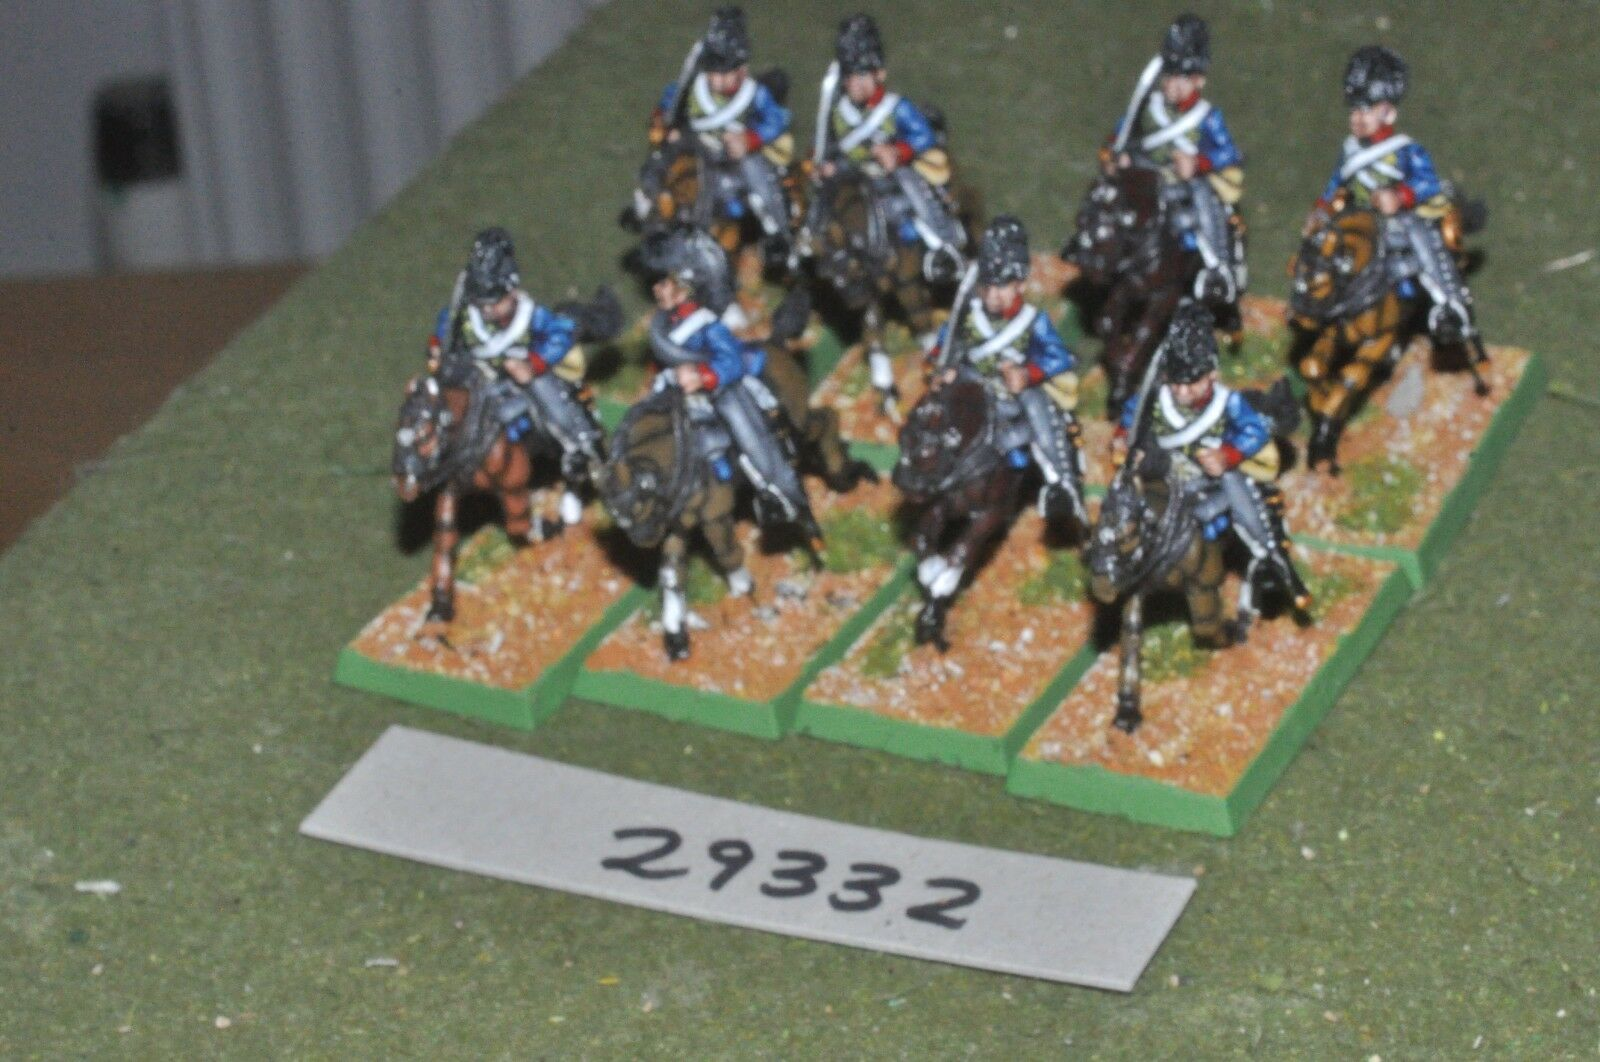 15mm, napoleoniskt   britiska - lätta drakeer 8 figurer - cav (29332)